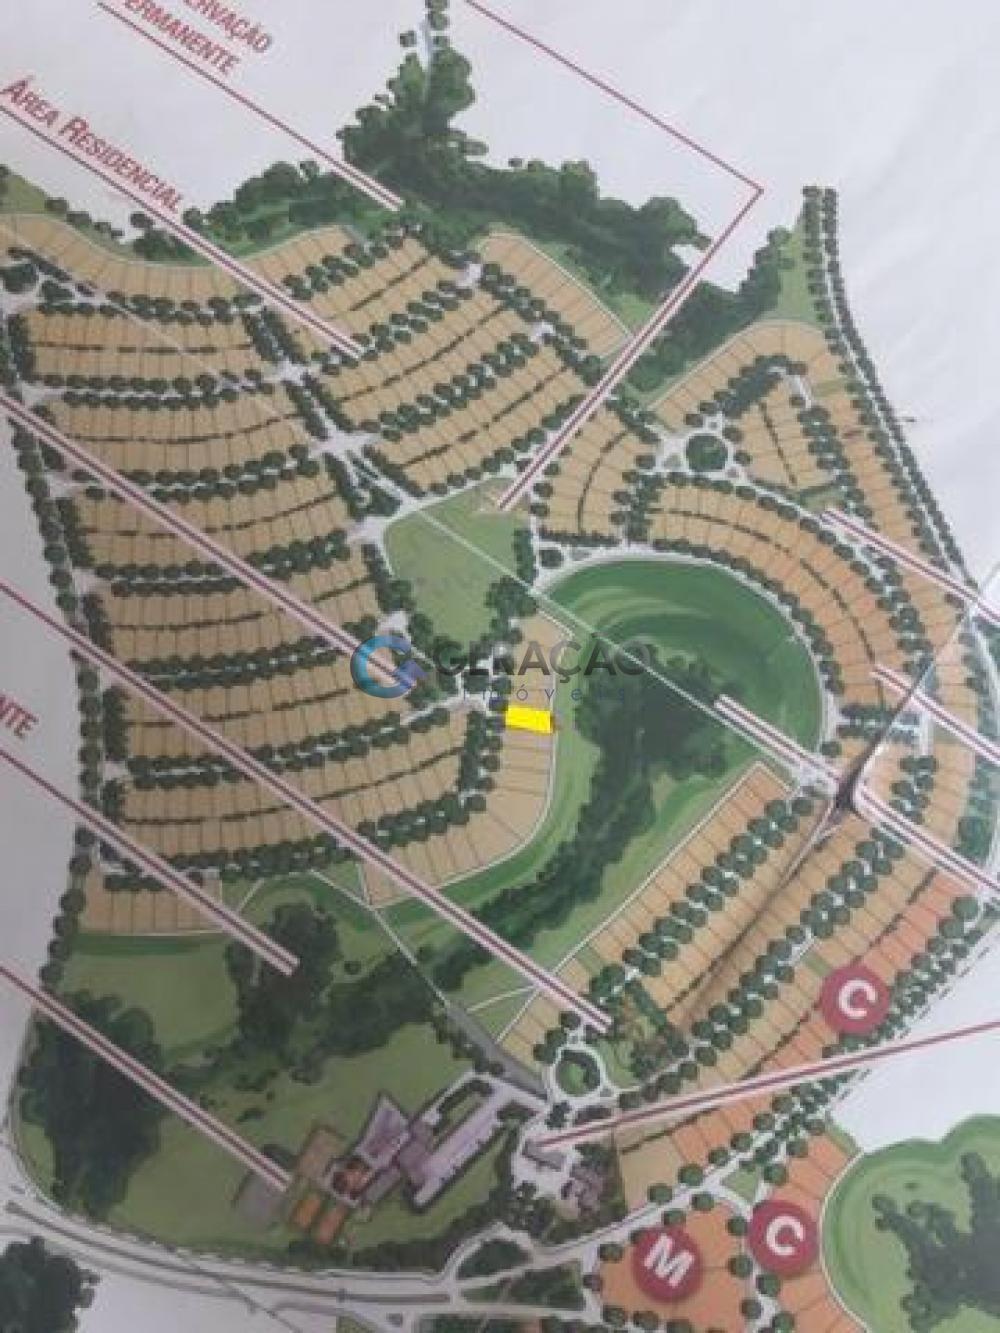 Comprar Terreno / Condomínio em São José dos Campos apenas R$ 478.000,00 - Foto 1